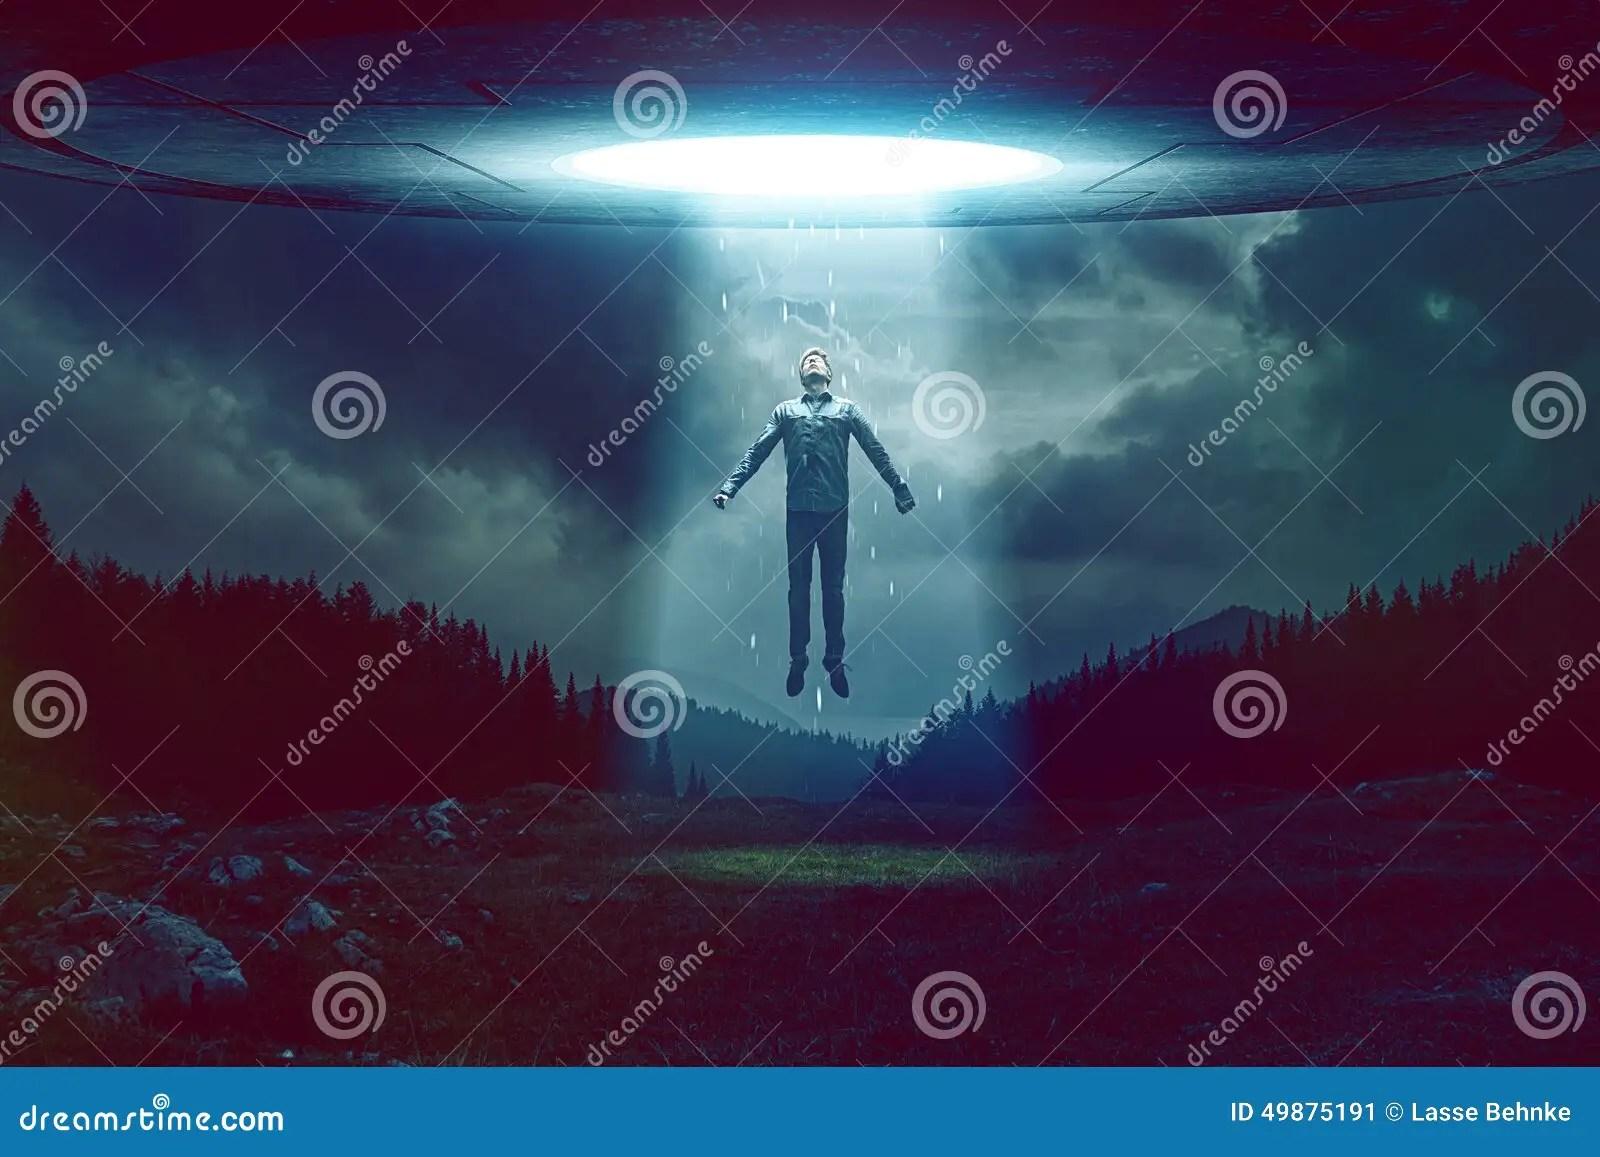 UFO Stock Photo Image 49875191